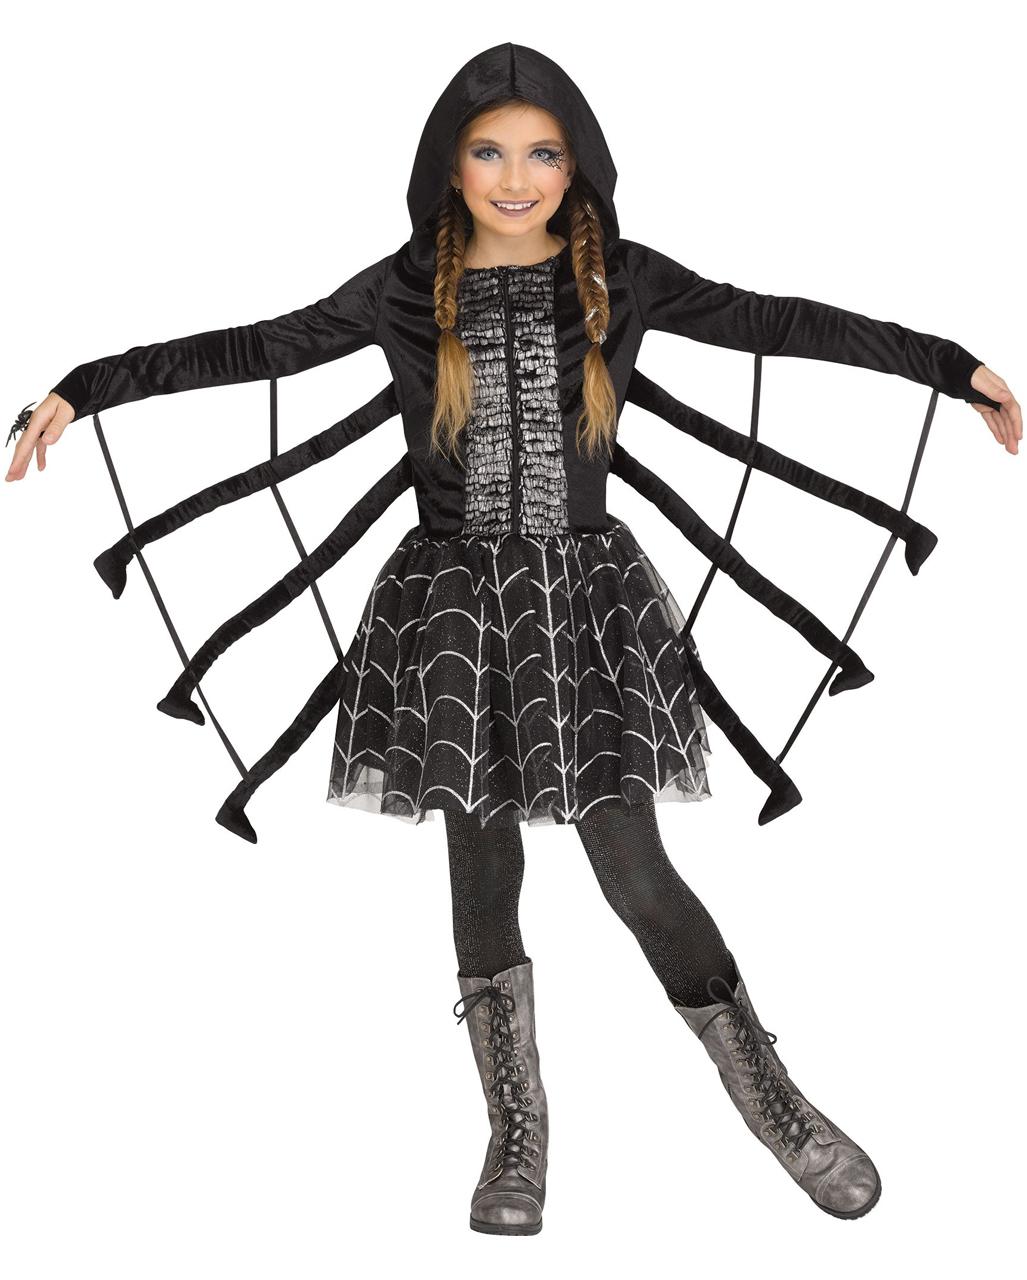 Glitzer Spinne Kinder Kostum Als Halloween Kostum Horror Shop Com